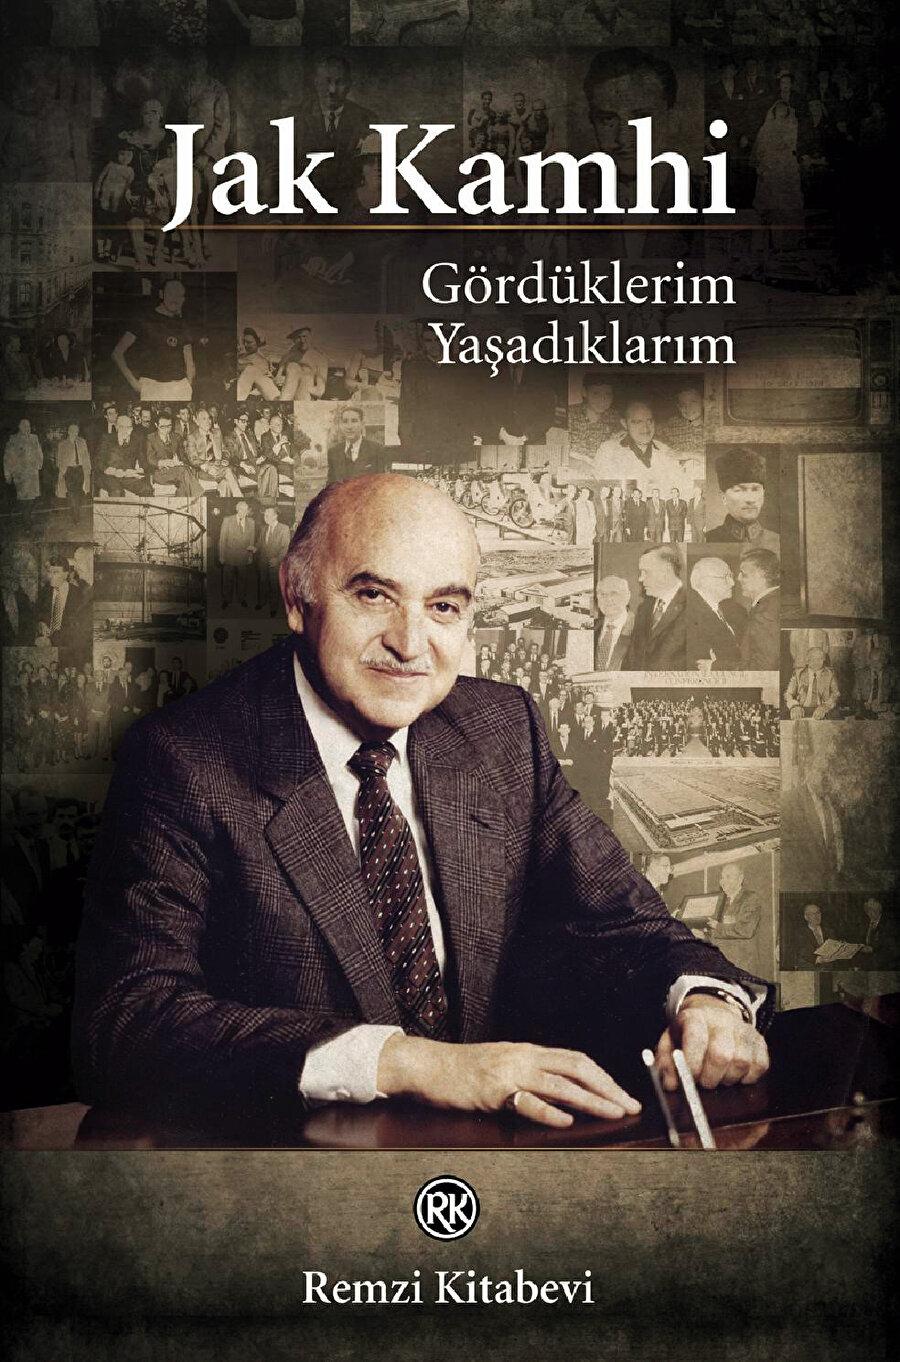 Büyük dedesi İstanbul 11. Hahambaşı olan Jak Kamhi, 1492'de Hıristiyanların Endülüs işgali sonrasındaki uyguladıkları katliamdan kaçarak Osmanlıya sığınan Yahudilerin 500. yılı adına 1989'da 500. Yıl Vakfı'nı ve 500. Yıl Vakfı Türkiye Musevileri Müzesini kurar. Vakfın çoğunluğu Yahudi'dir.